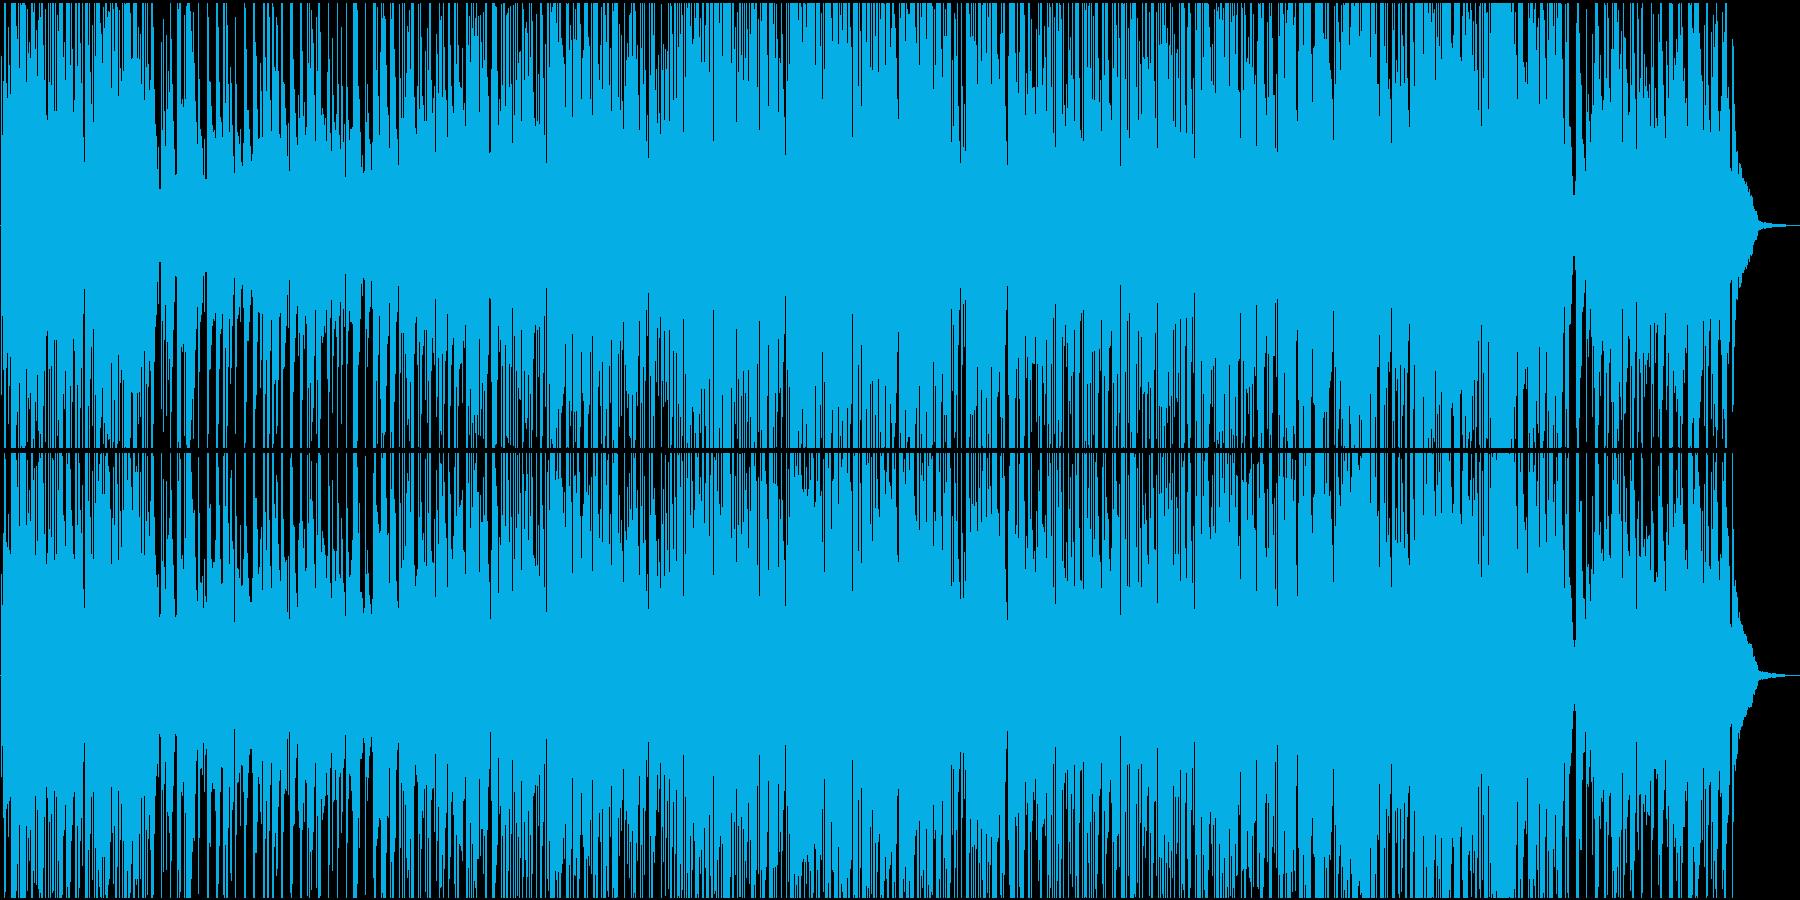 ゆったりした夜に合うサックス・ジャズの再生済みの波形